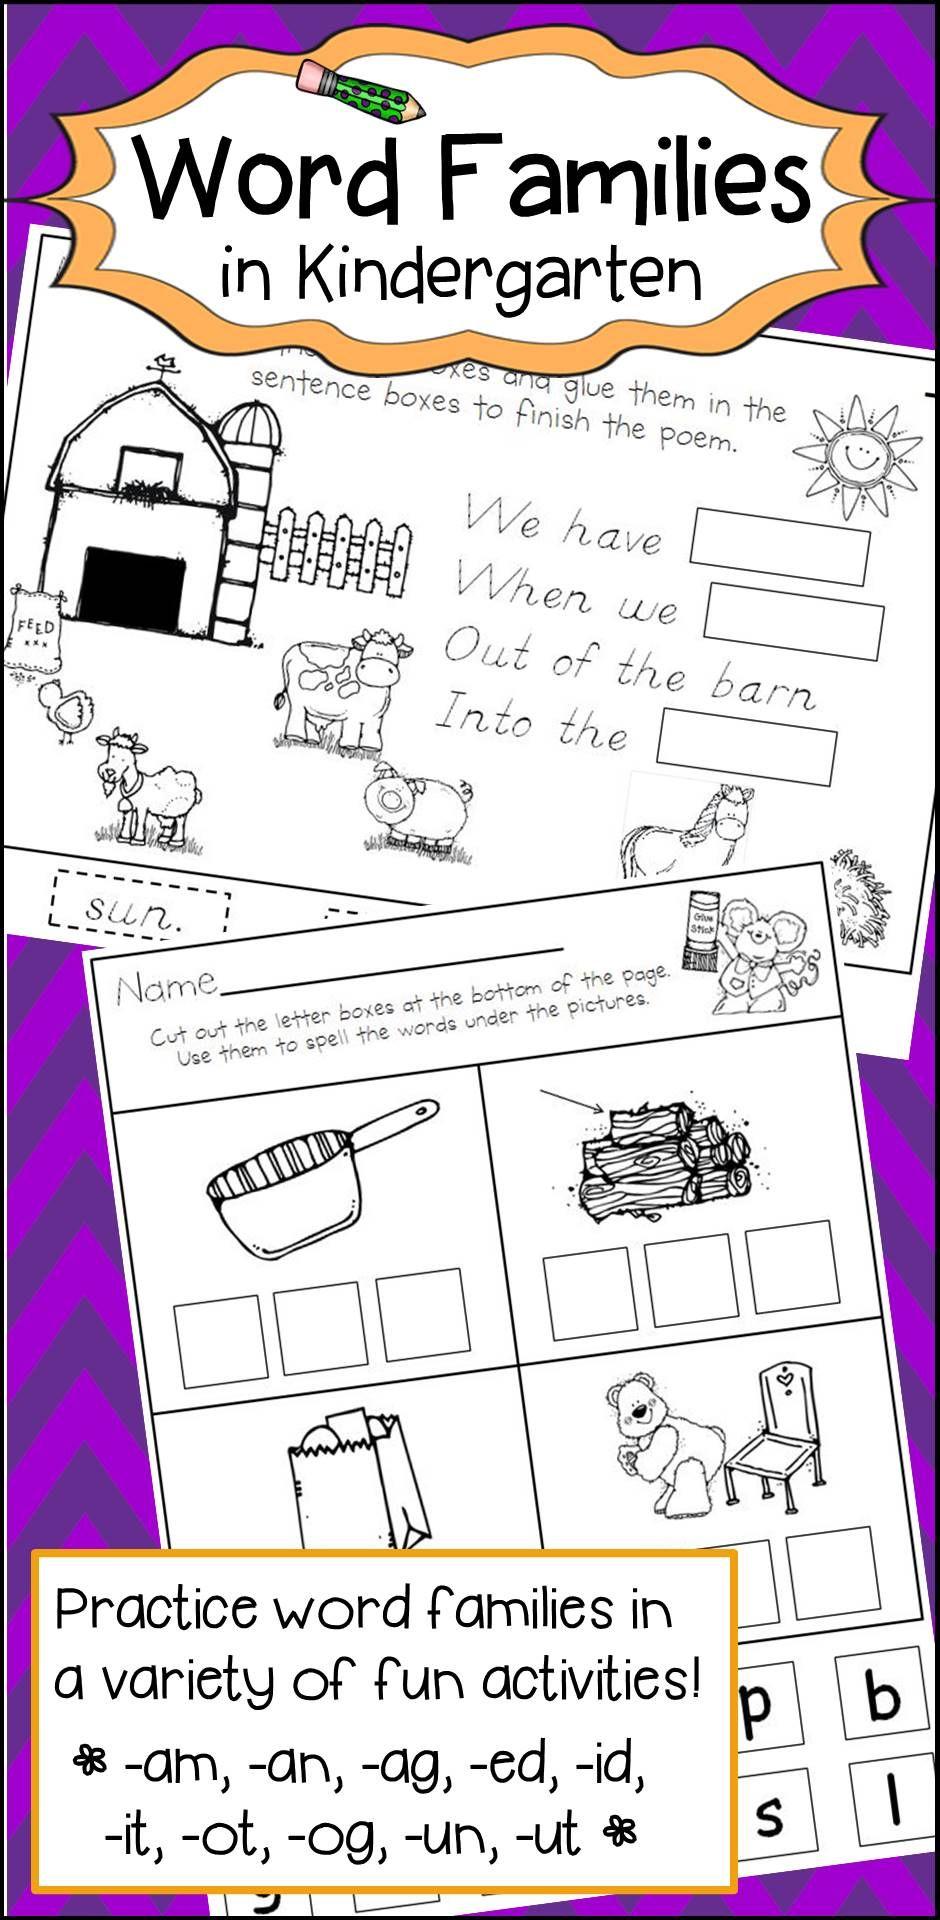 Word Families Activities For Kindergarten Word Family Activities Kindergarten Reading Activities Word Families [ 1920 x 940 Pixel ]